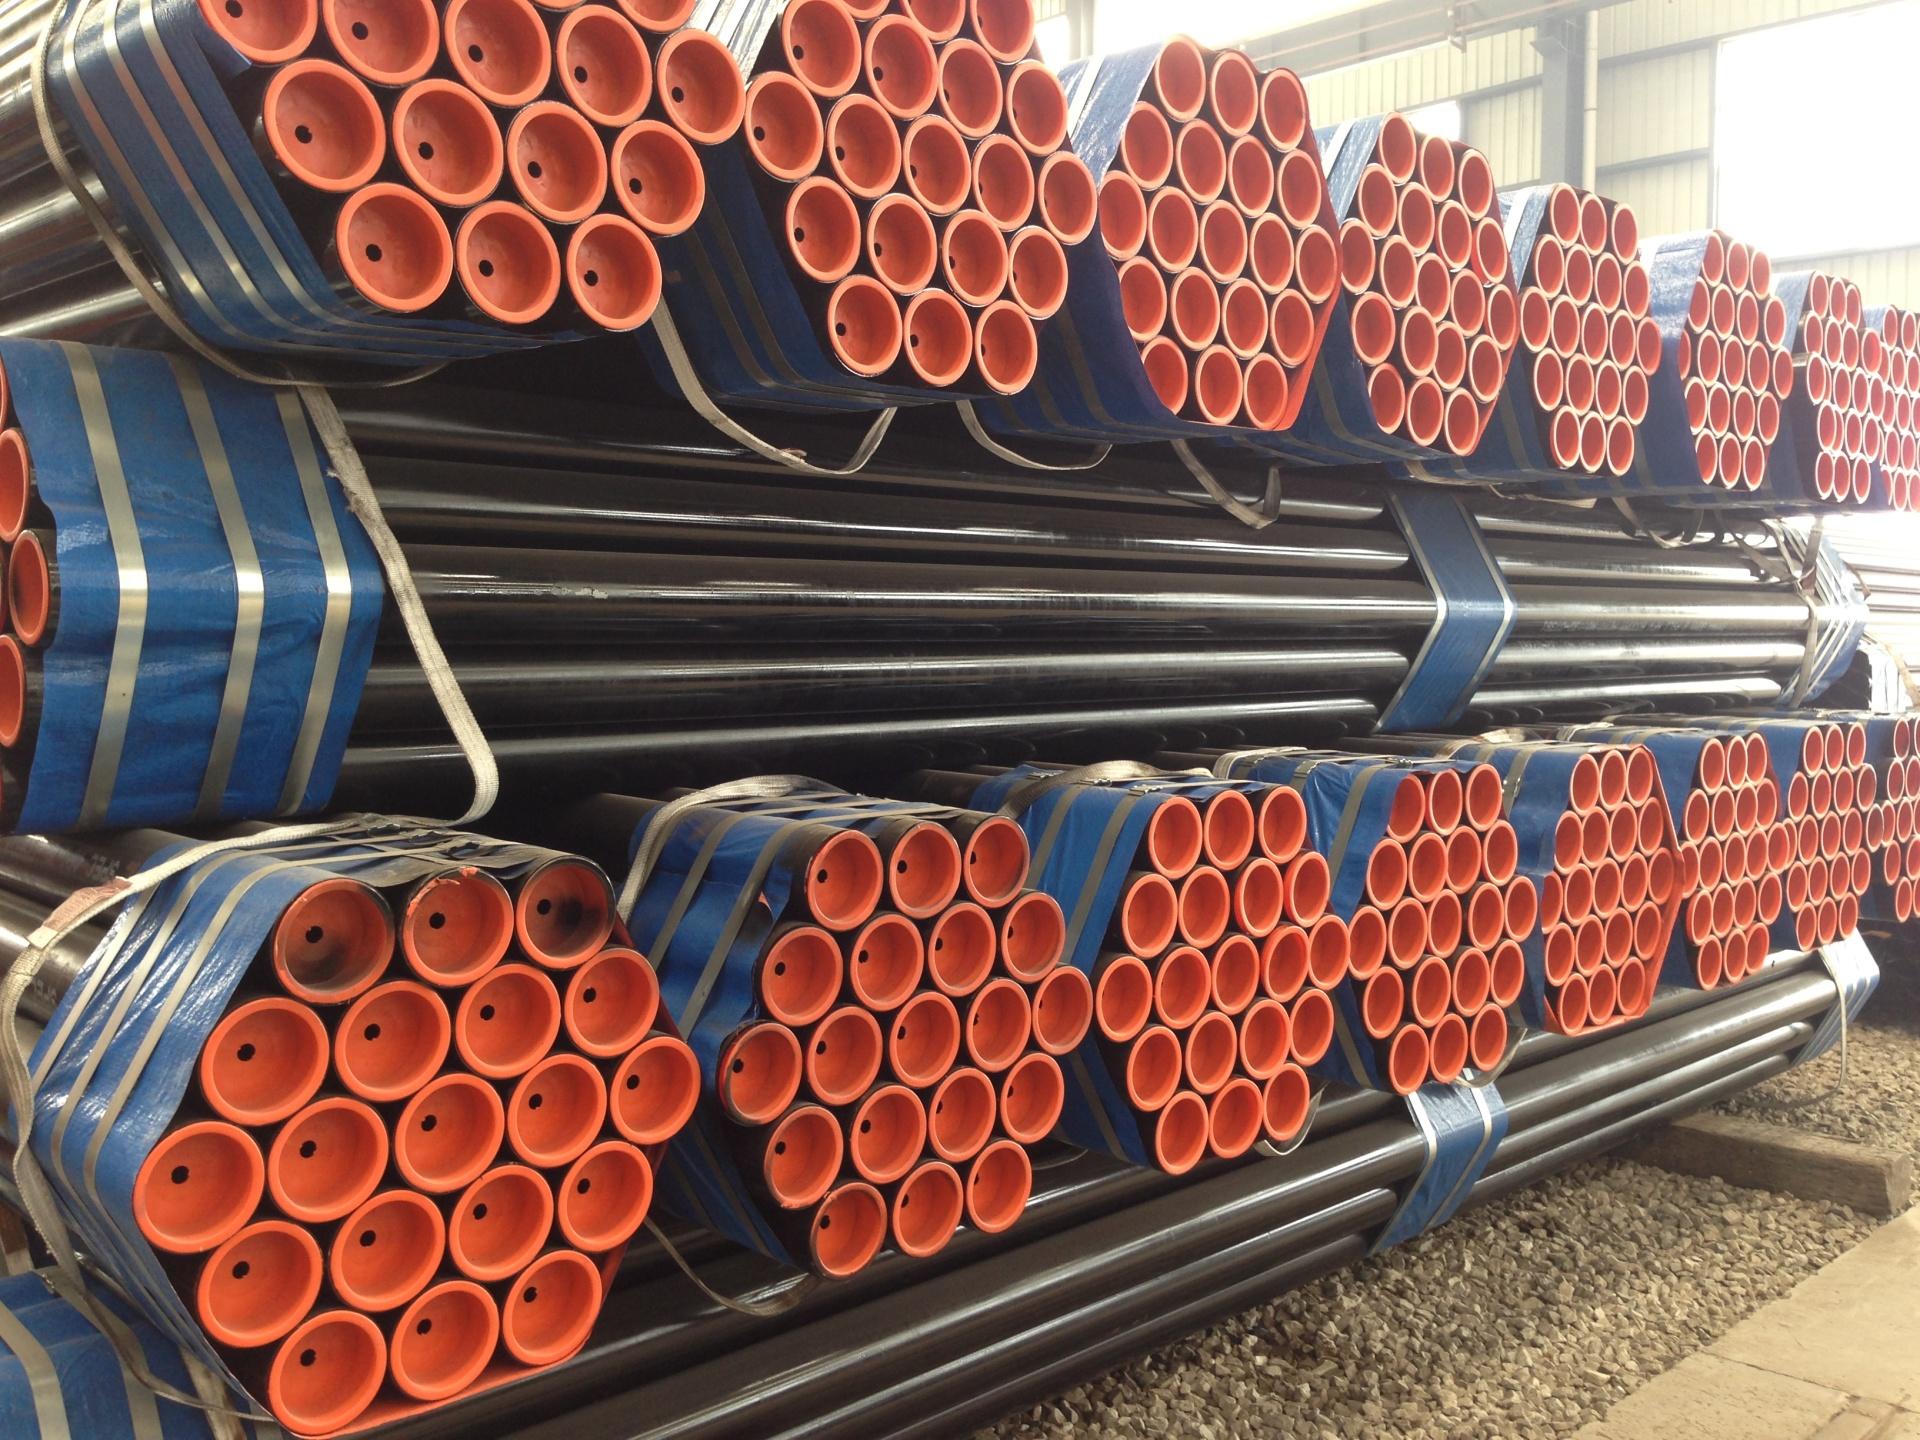 騰越鋼鐵主營銷售高頻直縫焊管,石油管線管,嚴格按照API 5L 標準